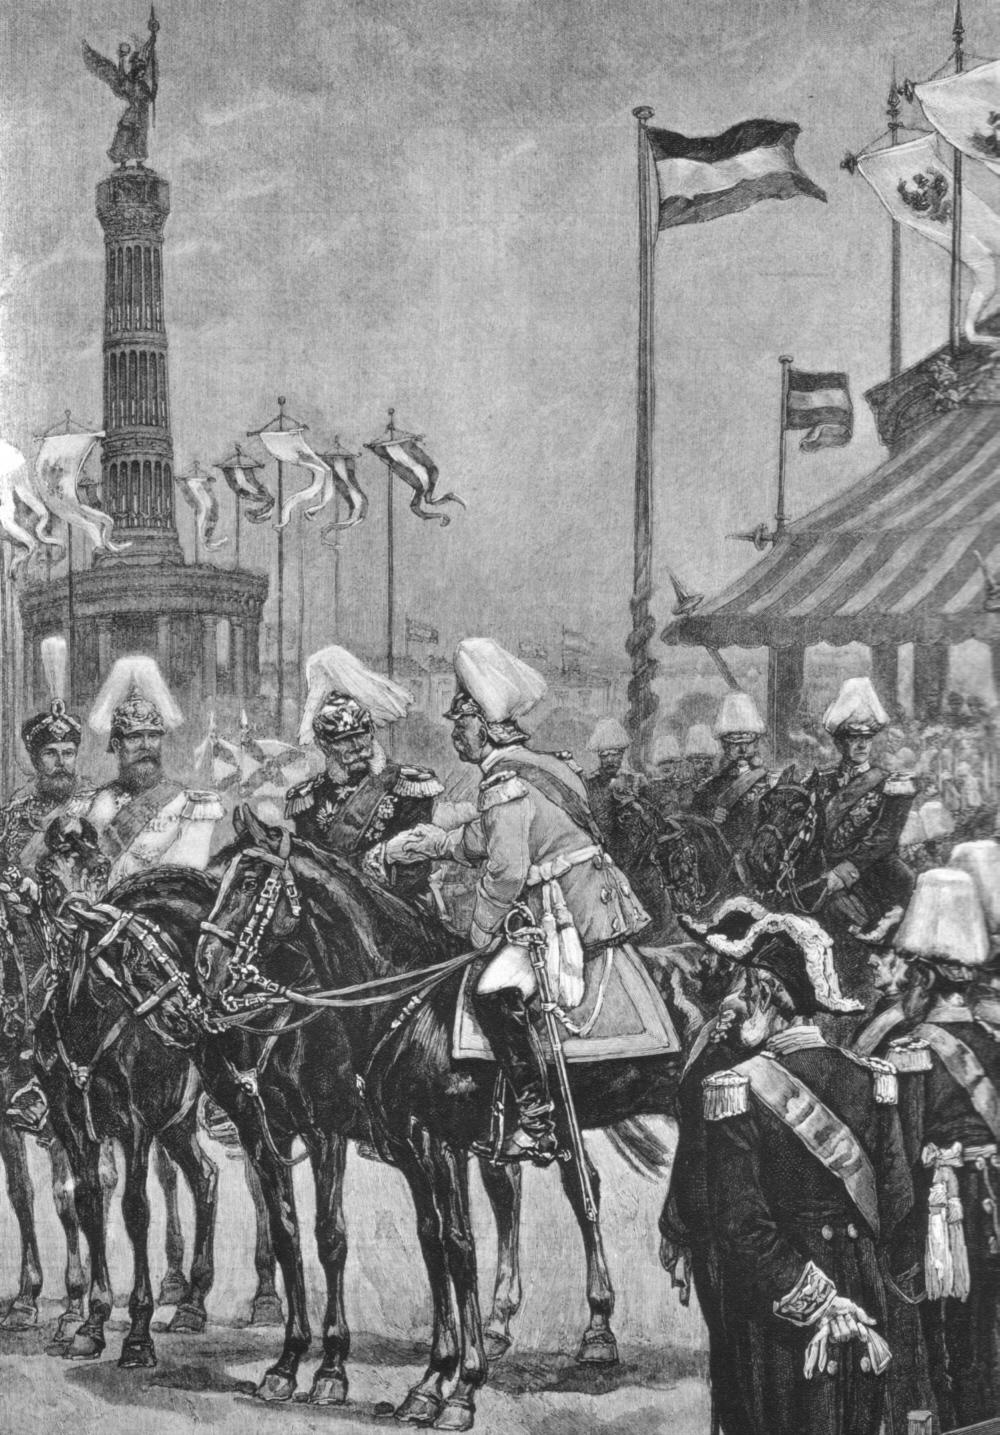 Einweihung der Siegessäule in Berlin am 2. September 1873. Im Vordergrund zu Pferde: Kaiser Wilhelm I. (links) und Otto von Bismarck (rechts)